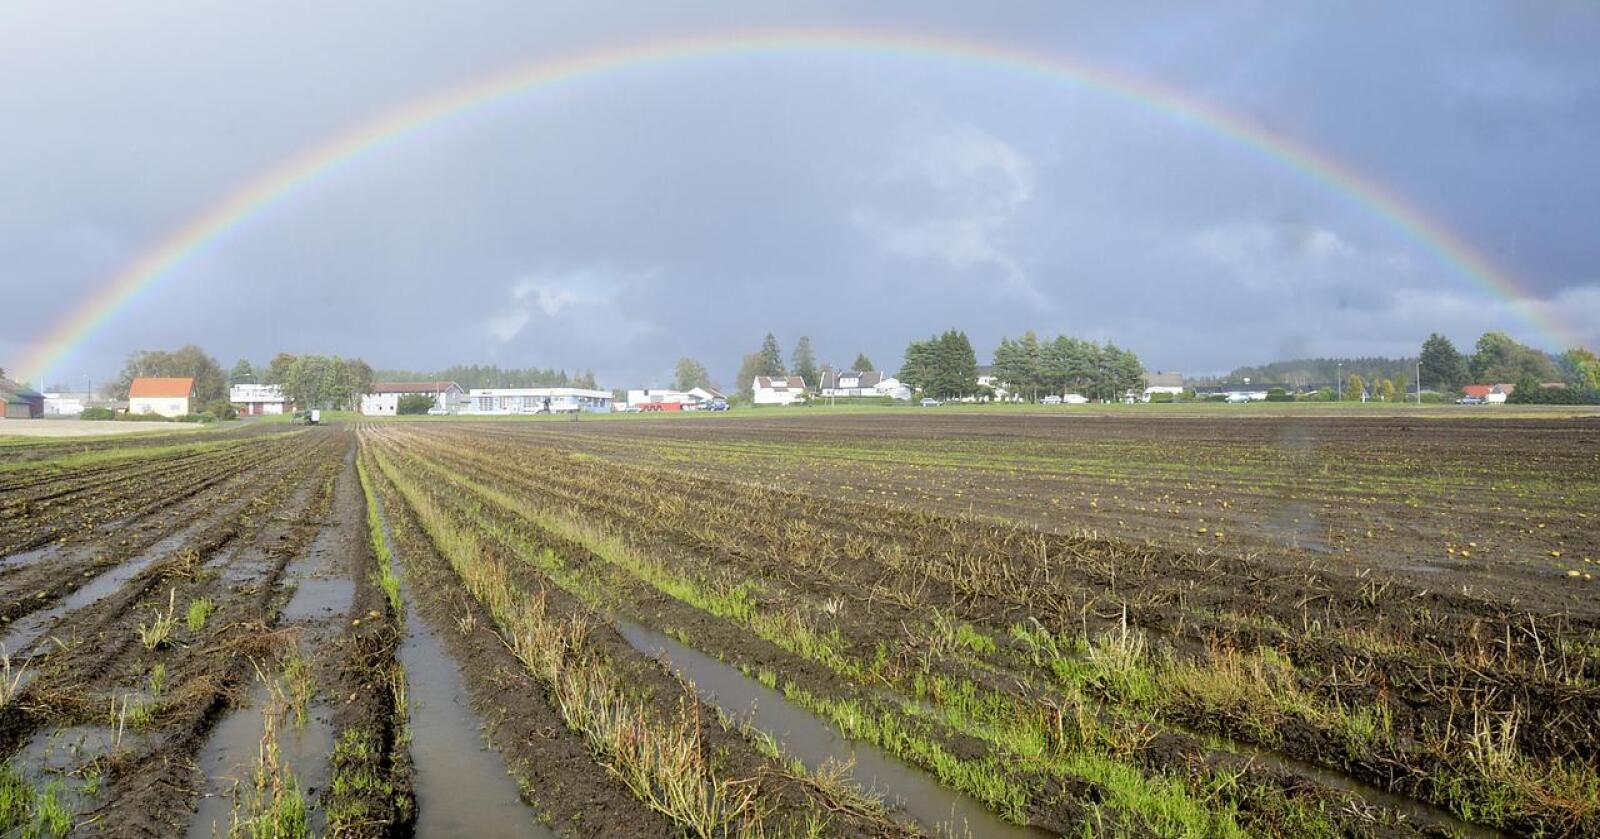 Vadefugl-vennlig: Er det best å vente med innhøstingen? Bedre sesongvarsling kan gi svaret. Foto: Mariann Tvete